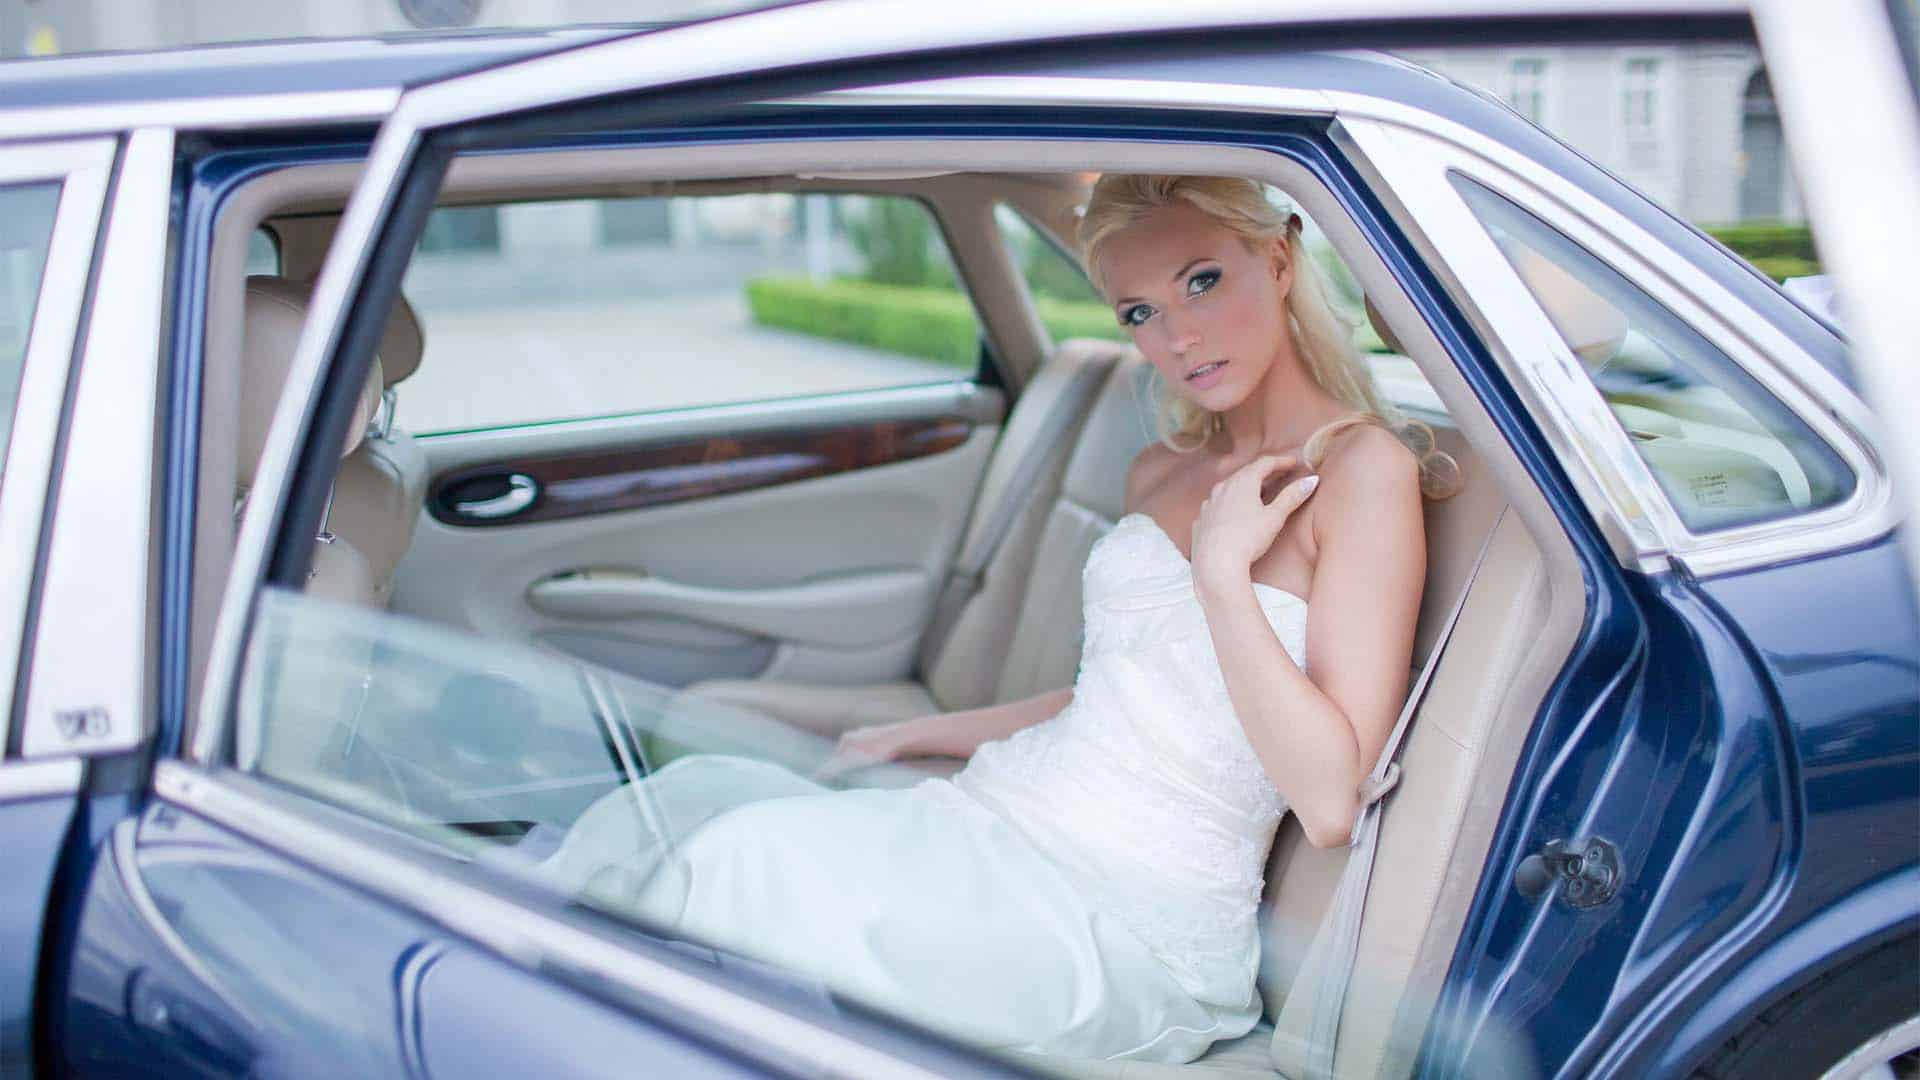 Panna Młoda wysiada w limuzynie ślubnej - fotografia z ceremonii ślubu.